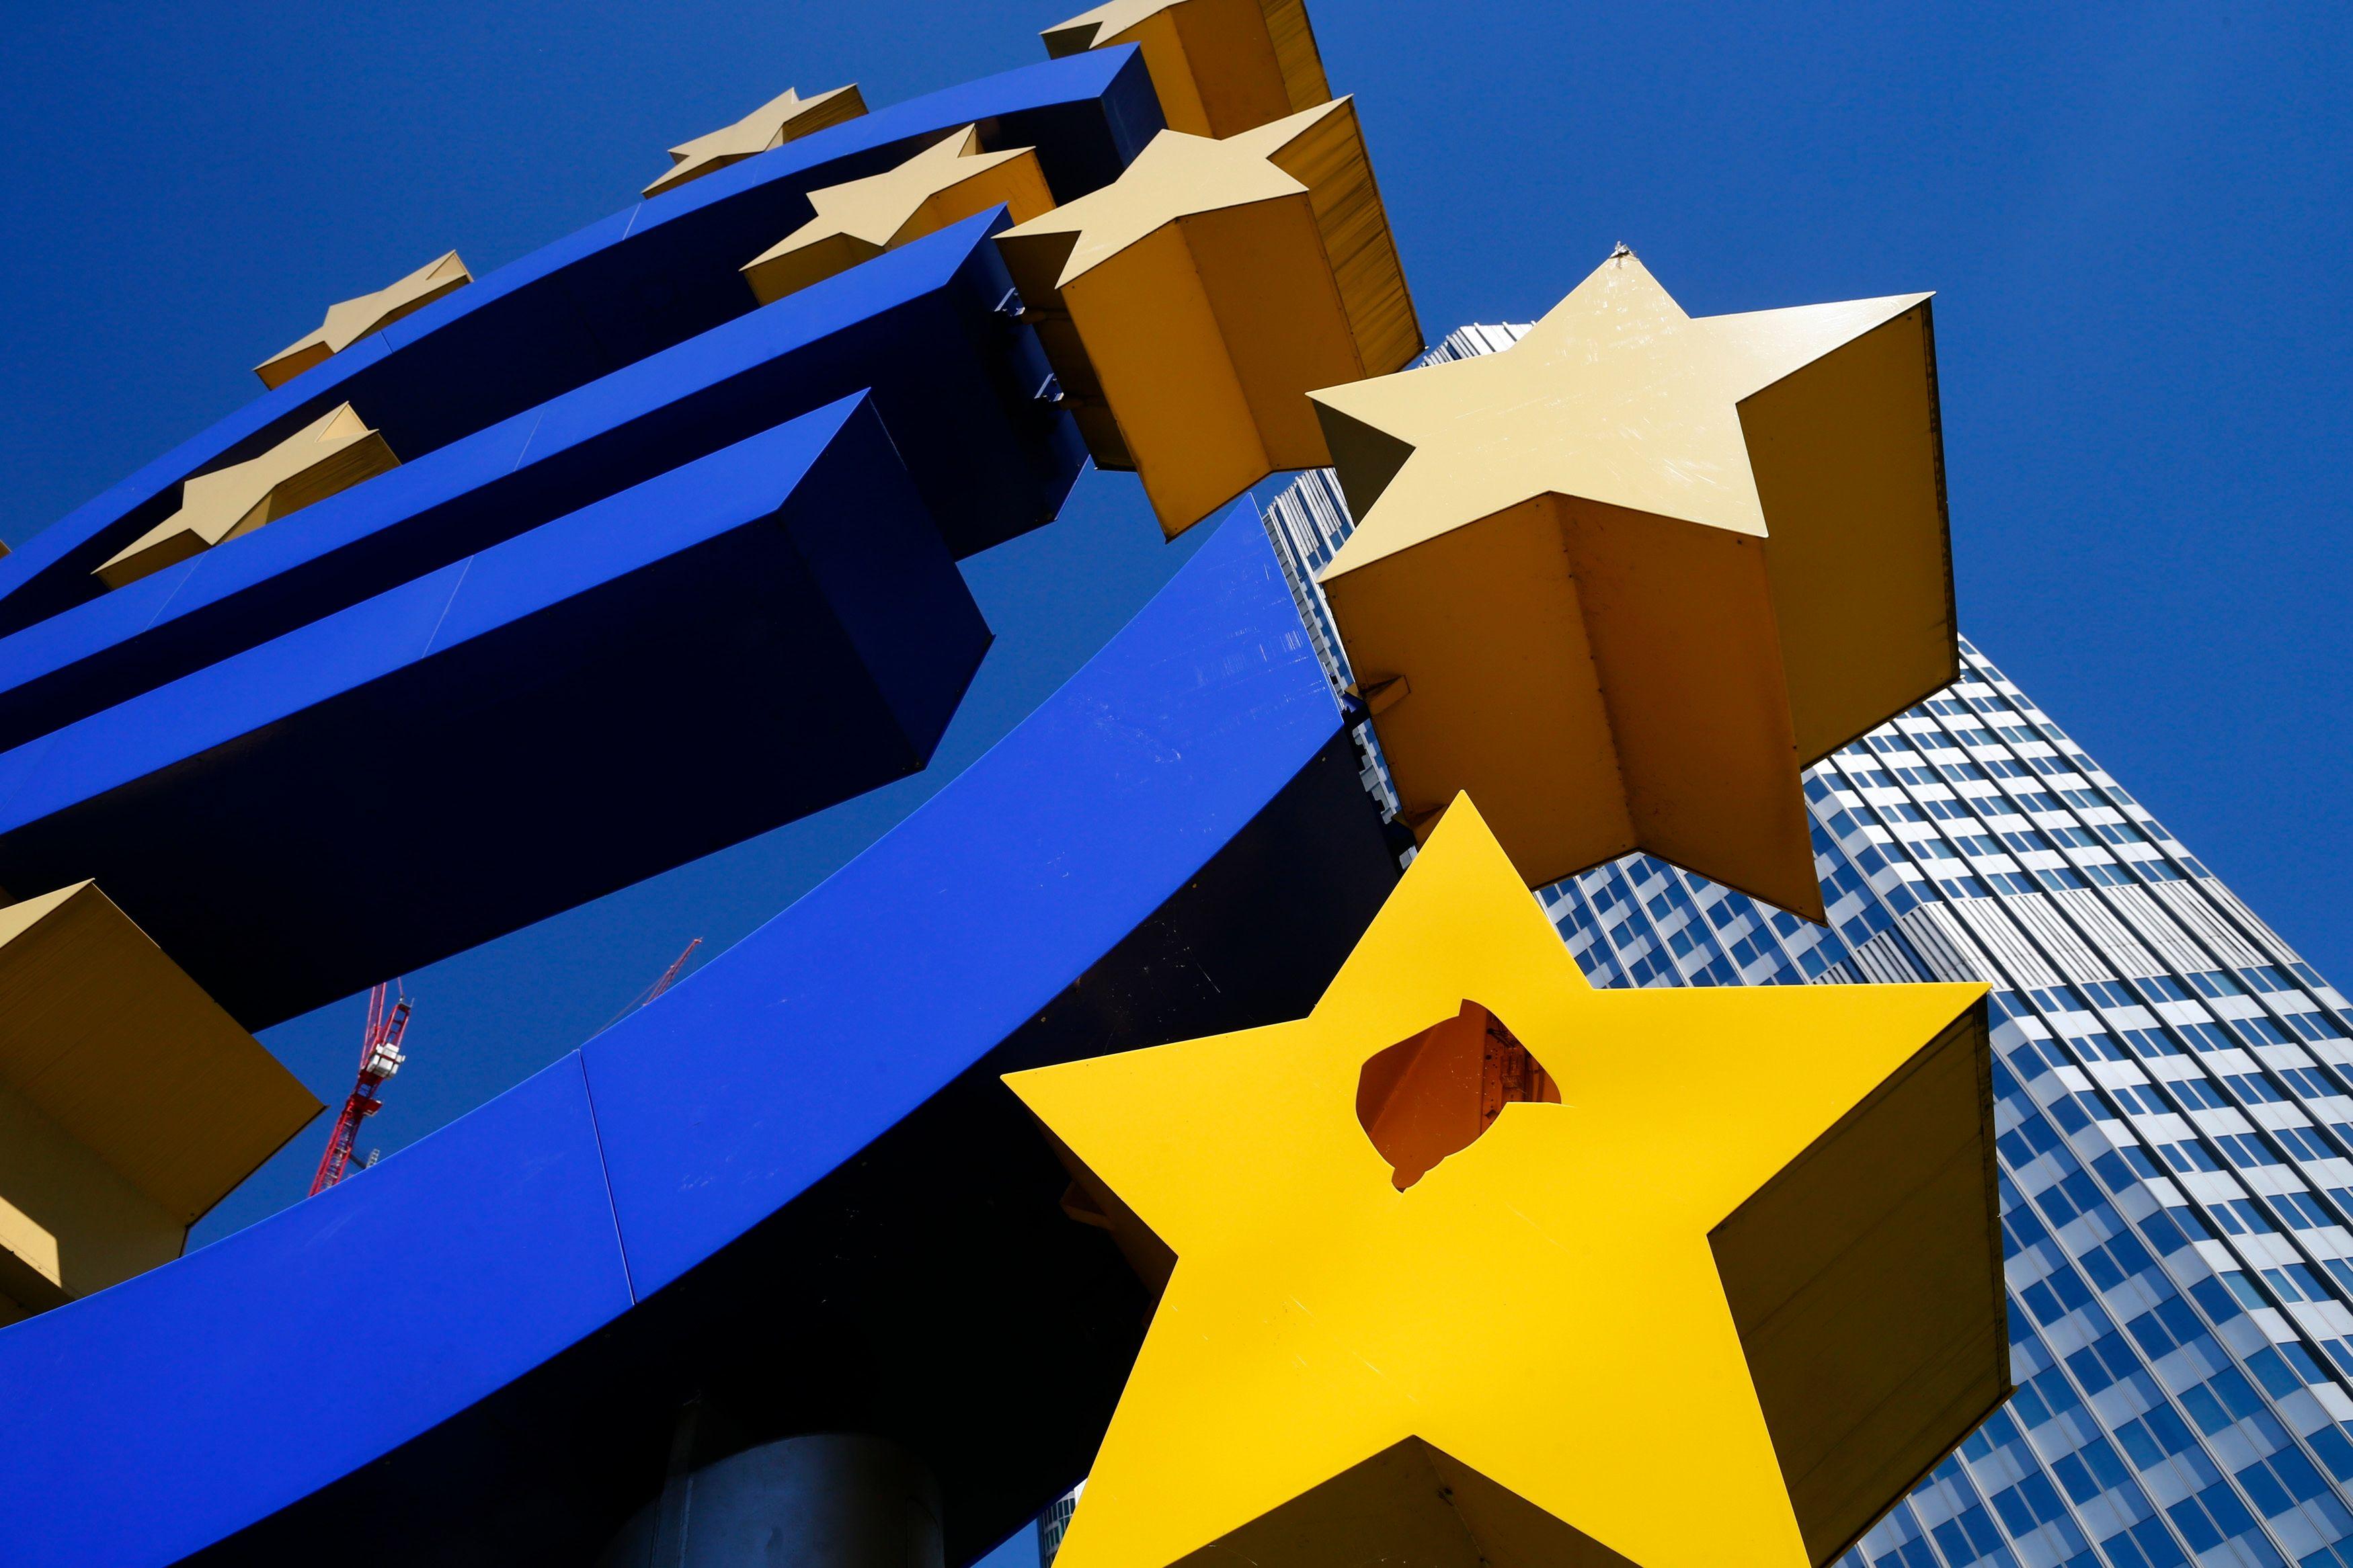 L'Europe a revu ses prévisions de croissance à la hausse.